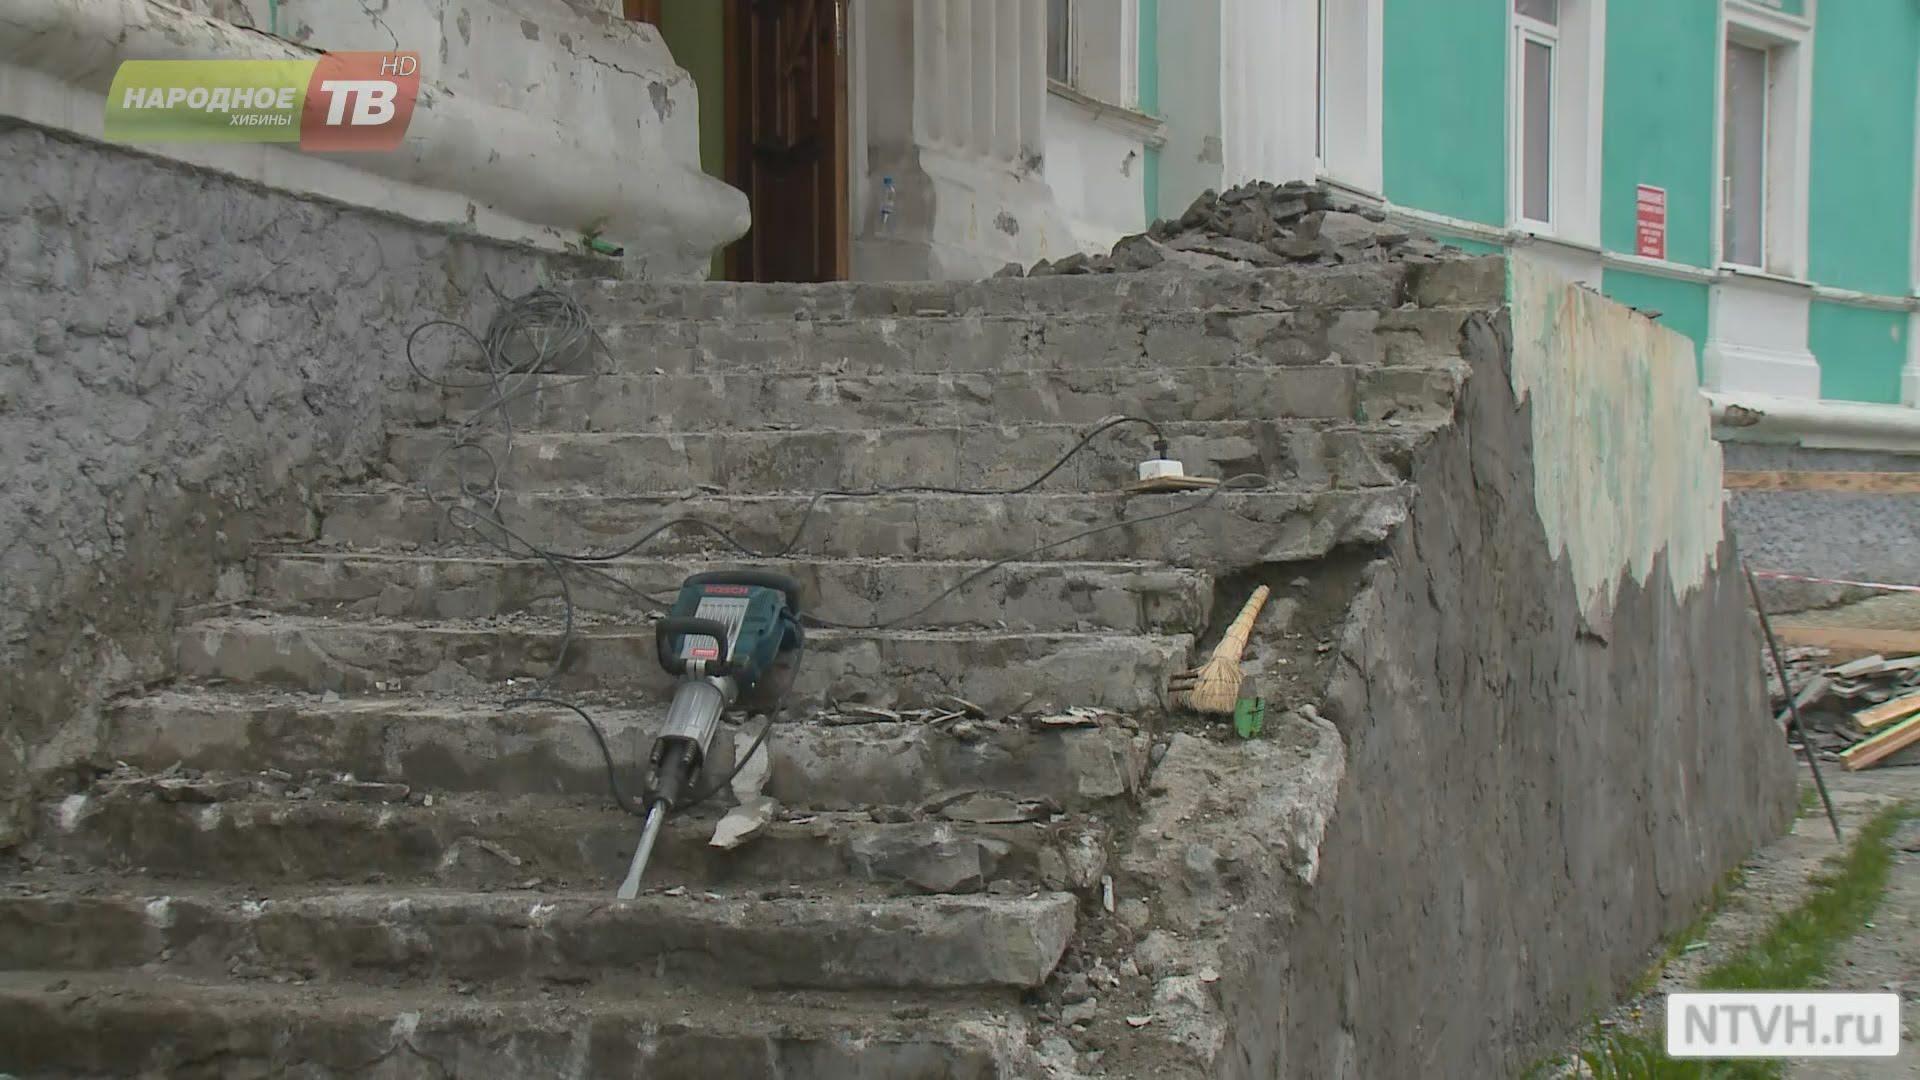 Разрушение крыльца из бетона